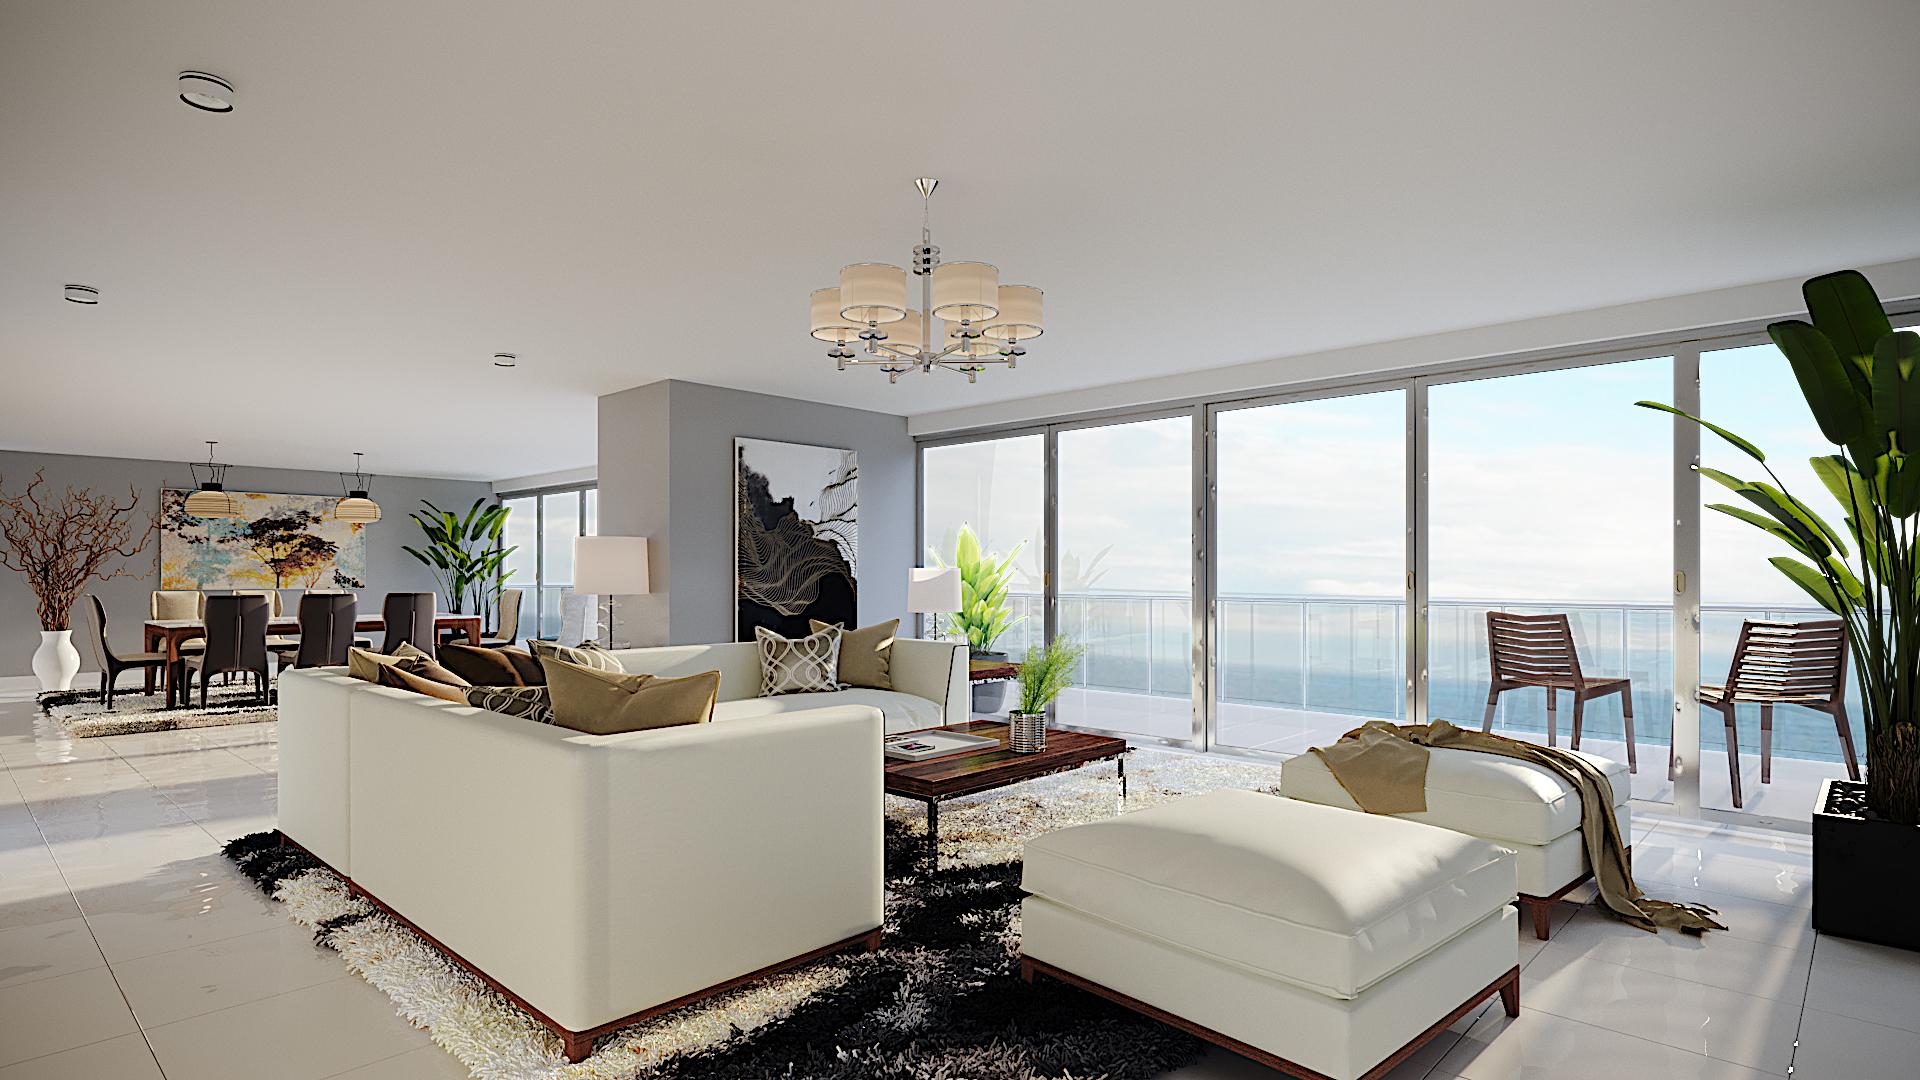 Tan solo serán 2 apartamentos por piso: uno de 220 y otro de 350 metros cuadrados.